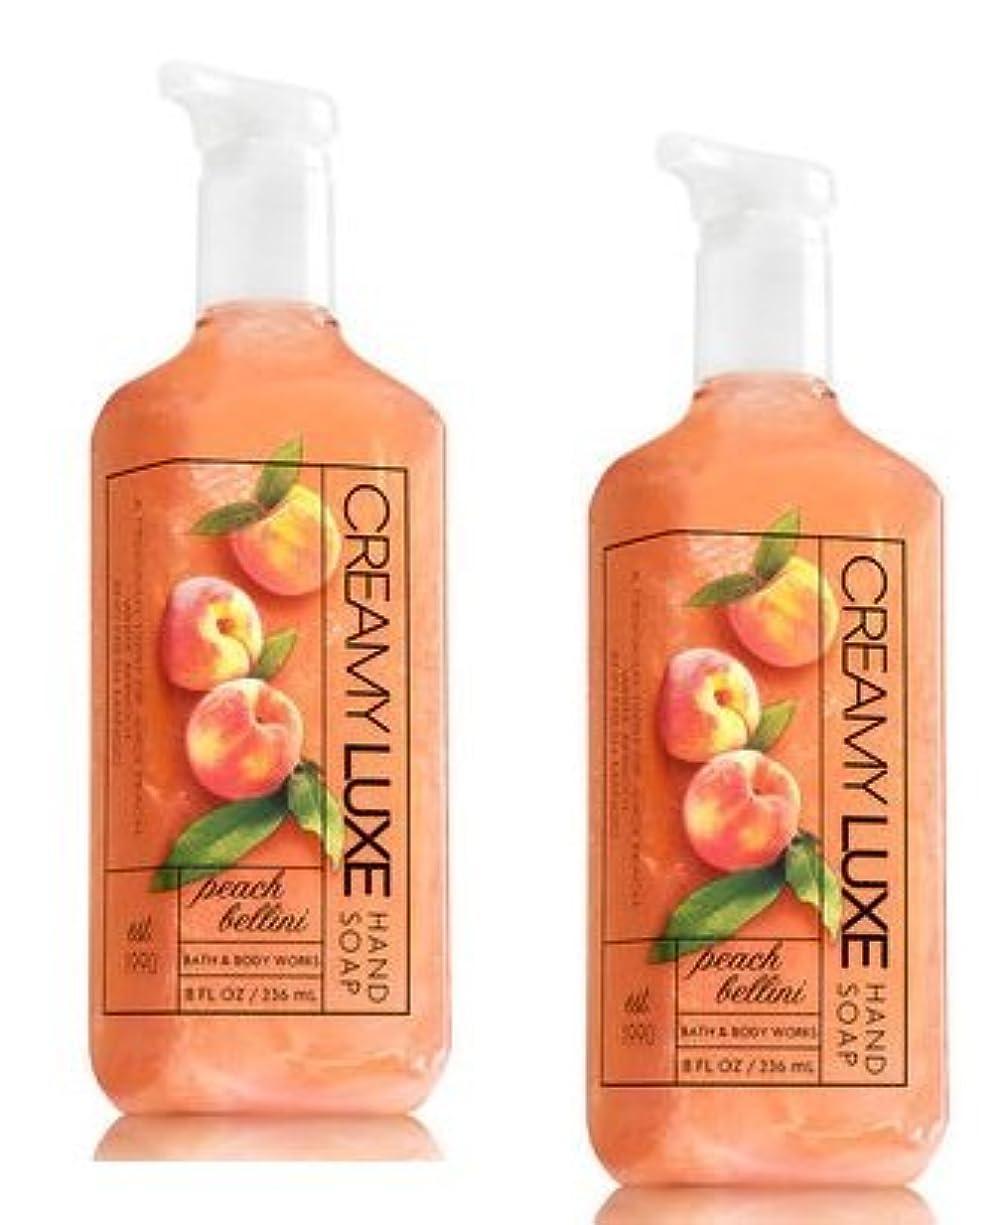 軍スカーフ無人Bath & Body Works ピーチベリーニ クリーミー リュクス ハンドソープ 2本セット PEACH BELLINI Creamy Luxe Hand Soap. 8 oz 236ml [並行輸入品]